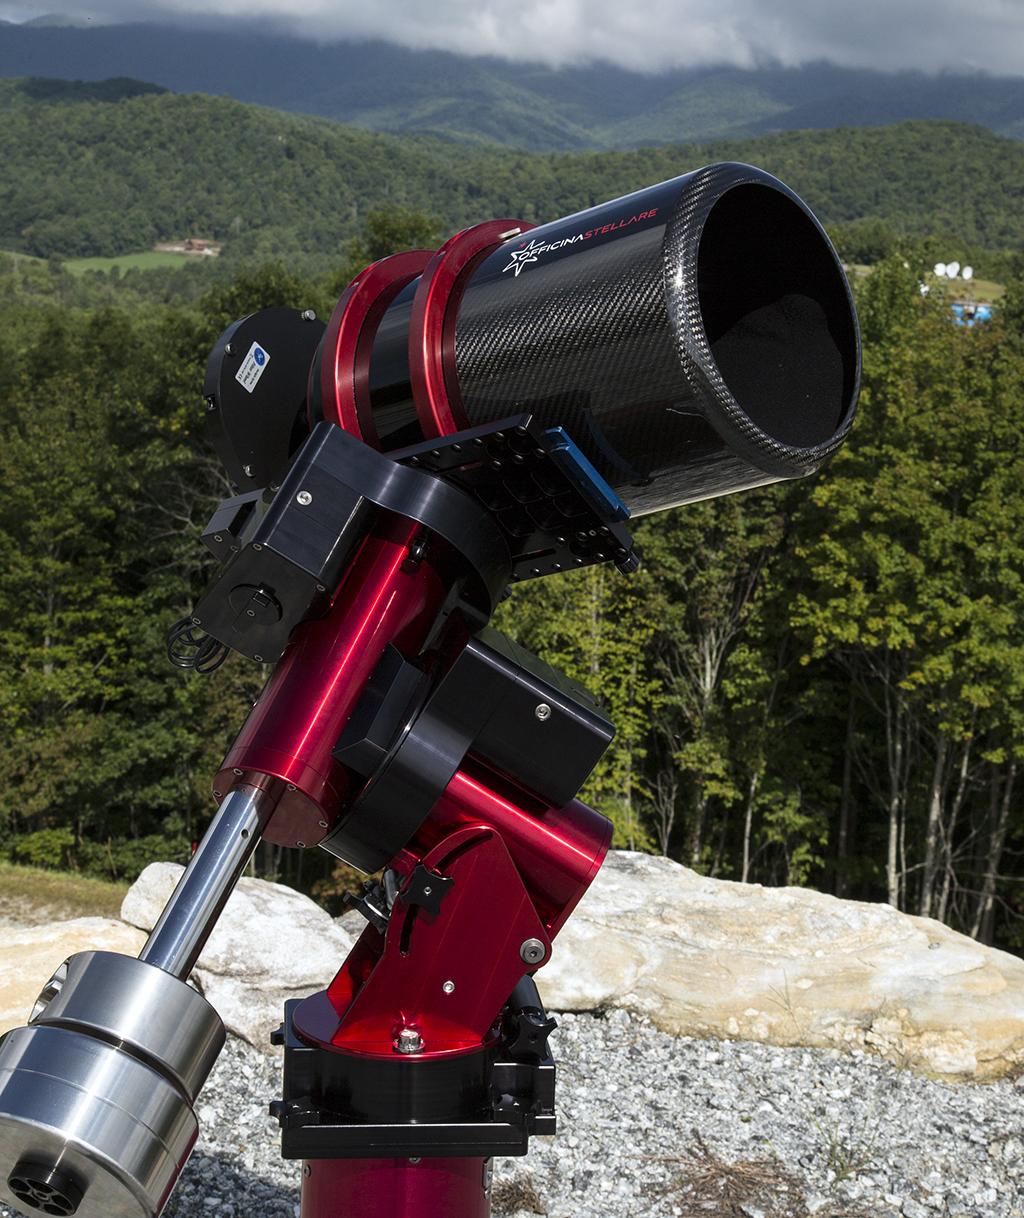 Nouvel Observatoire a Vagney, photos de la construction - Page 3 Mightymount